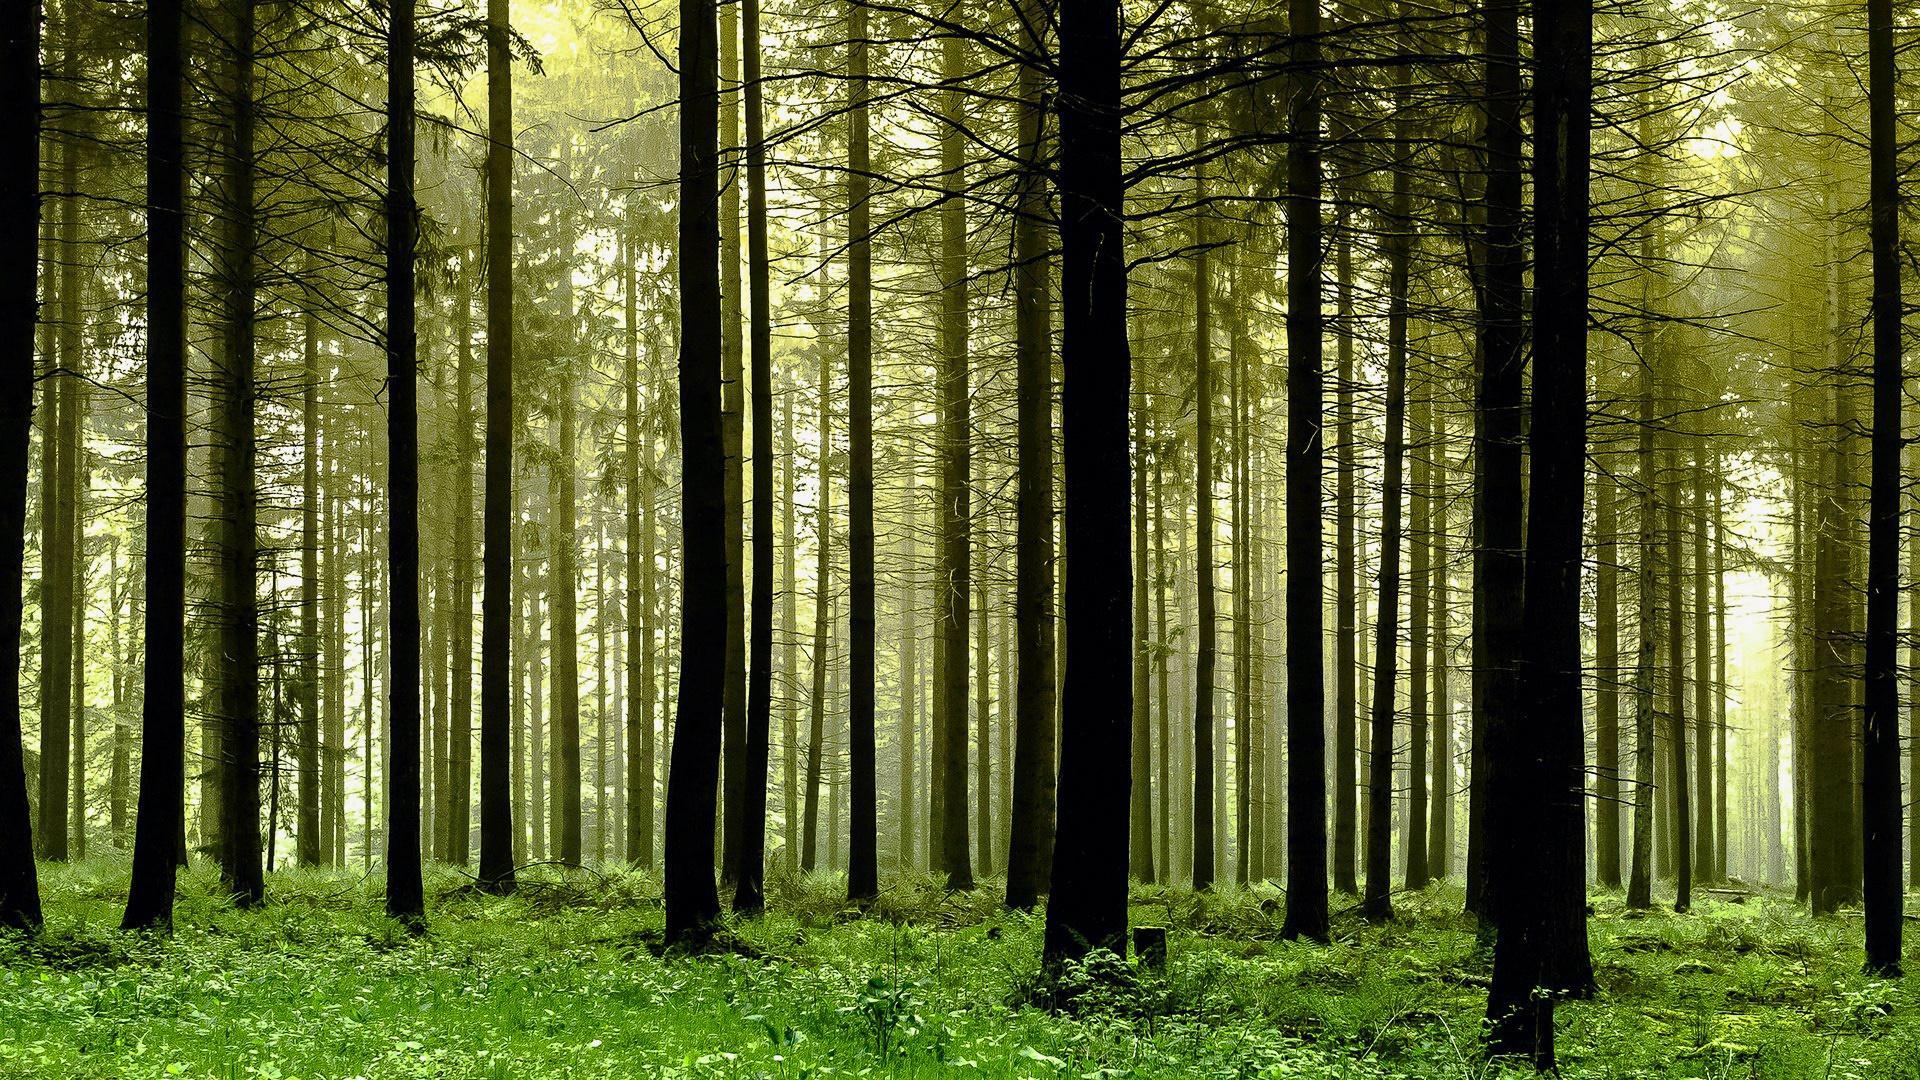 Evergreen grove wallpaper